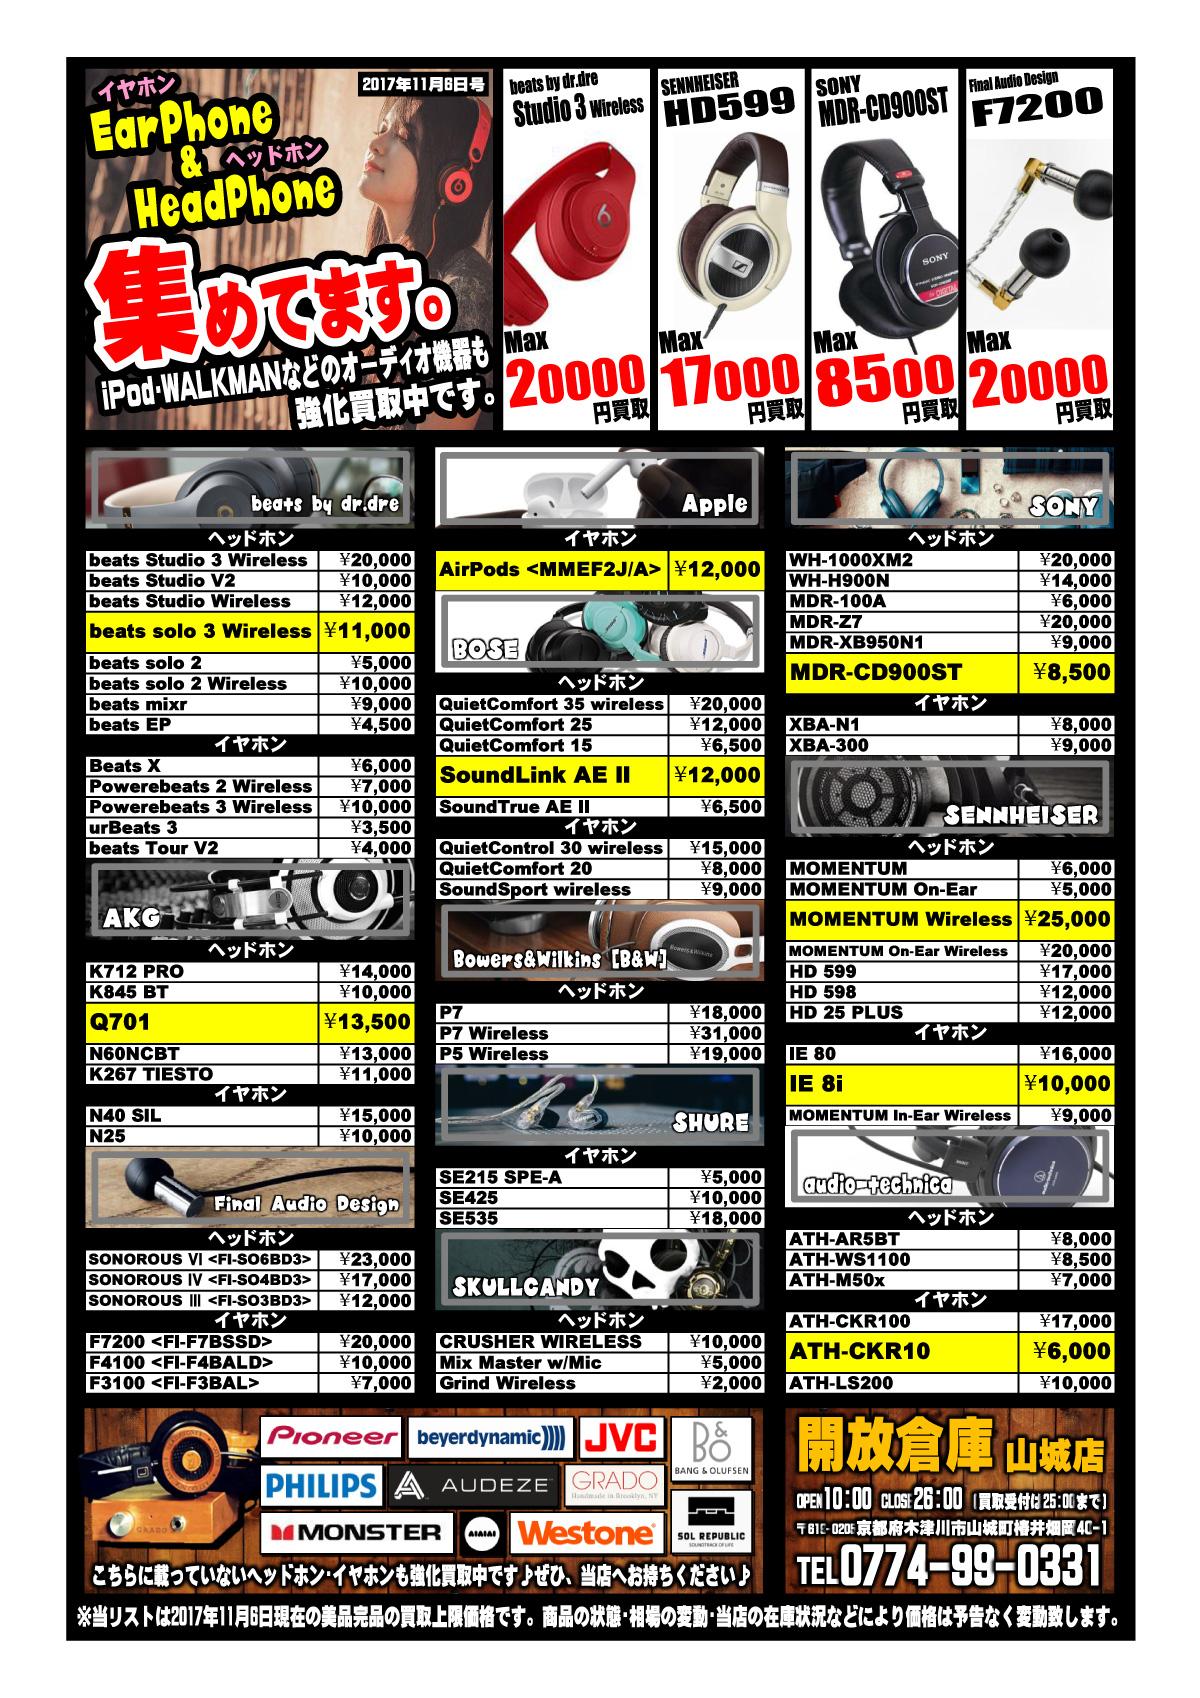 「開放倉庫山城店」家電コーナー<Ear Phone イヤホン & Head Phone ヘッドホン 集めてます。>iPod・WALKMANなどのオーディオ機器も強化買取中です!>11月6日号を更新しました!